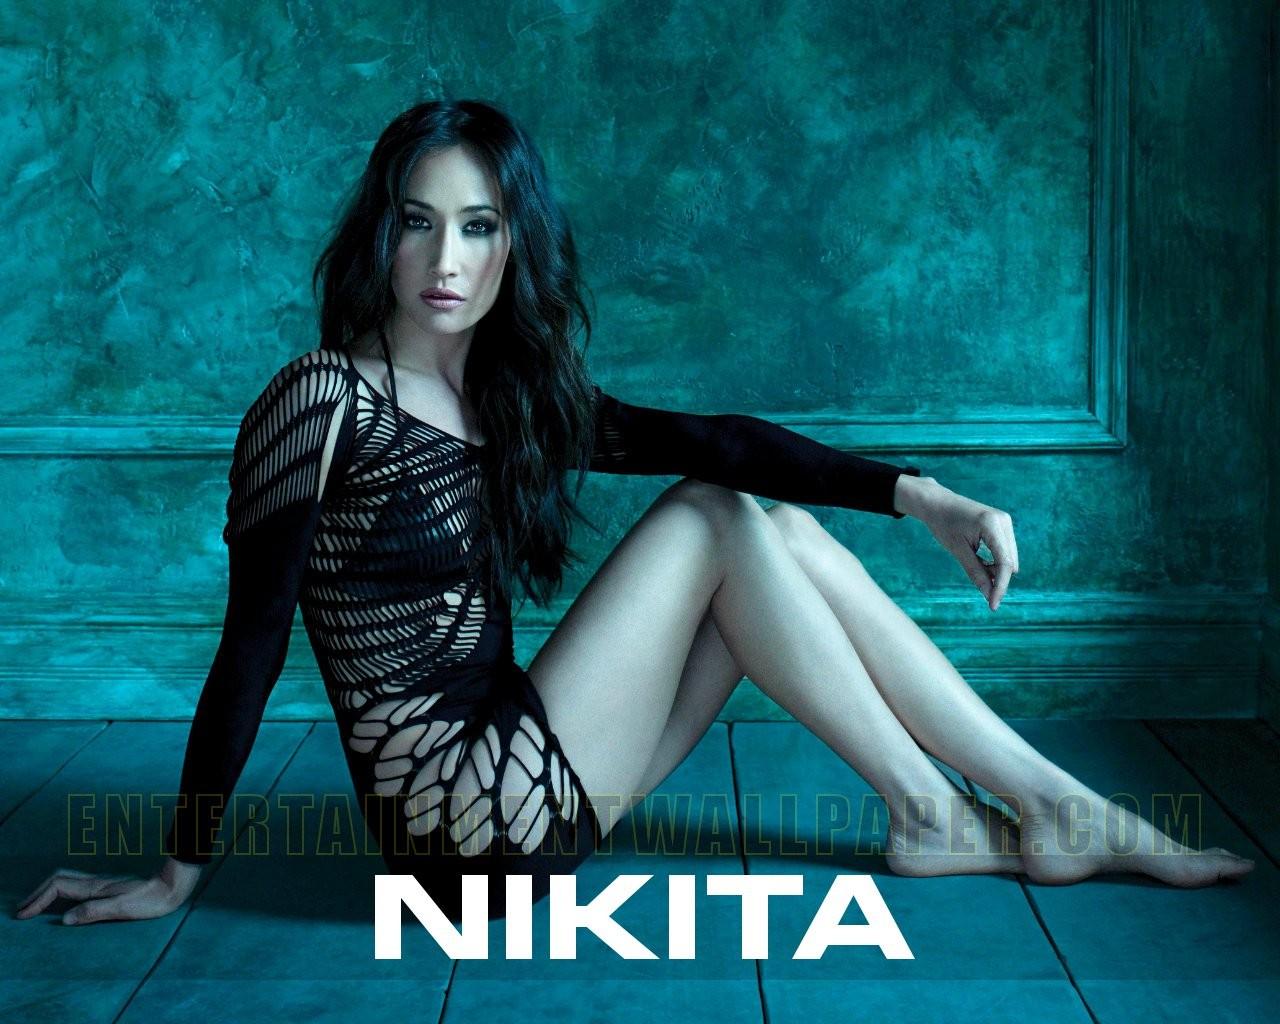 Nikita saison 2 épisode 23 streaming dans Series Nikita-nikita-25548290-1280-1024